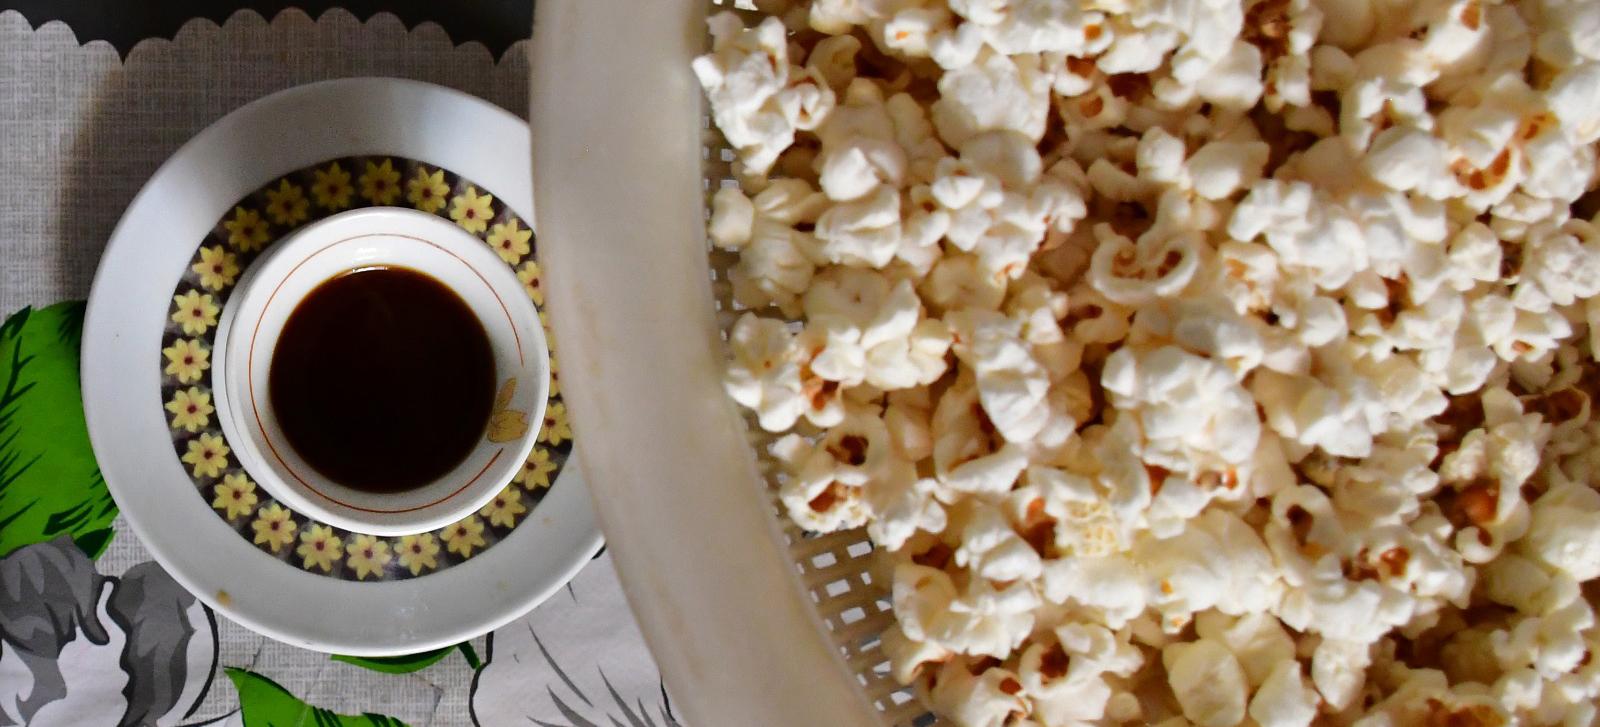 יואל שתרוג - אדמה יוצרת - yoel sitruk - קפה - ניצן שתרוג